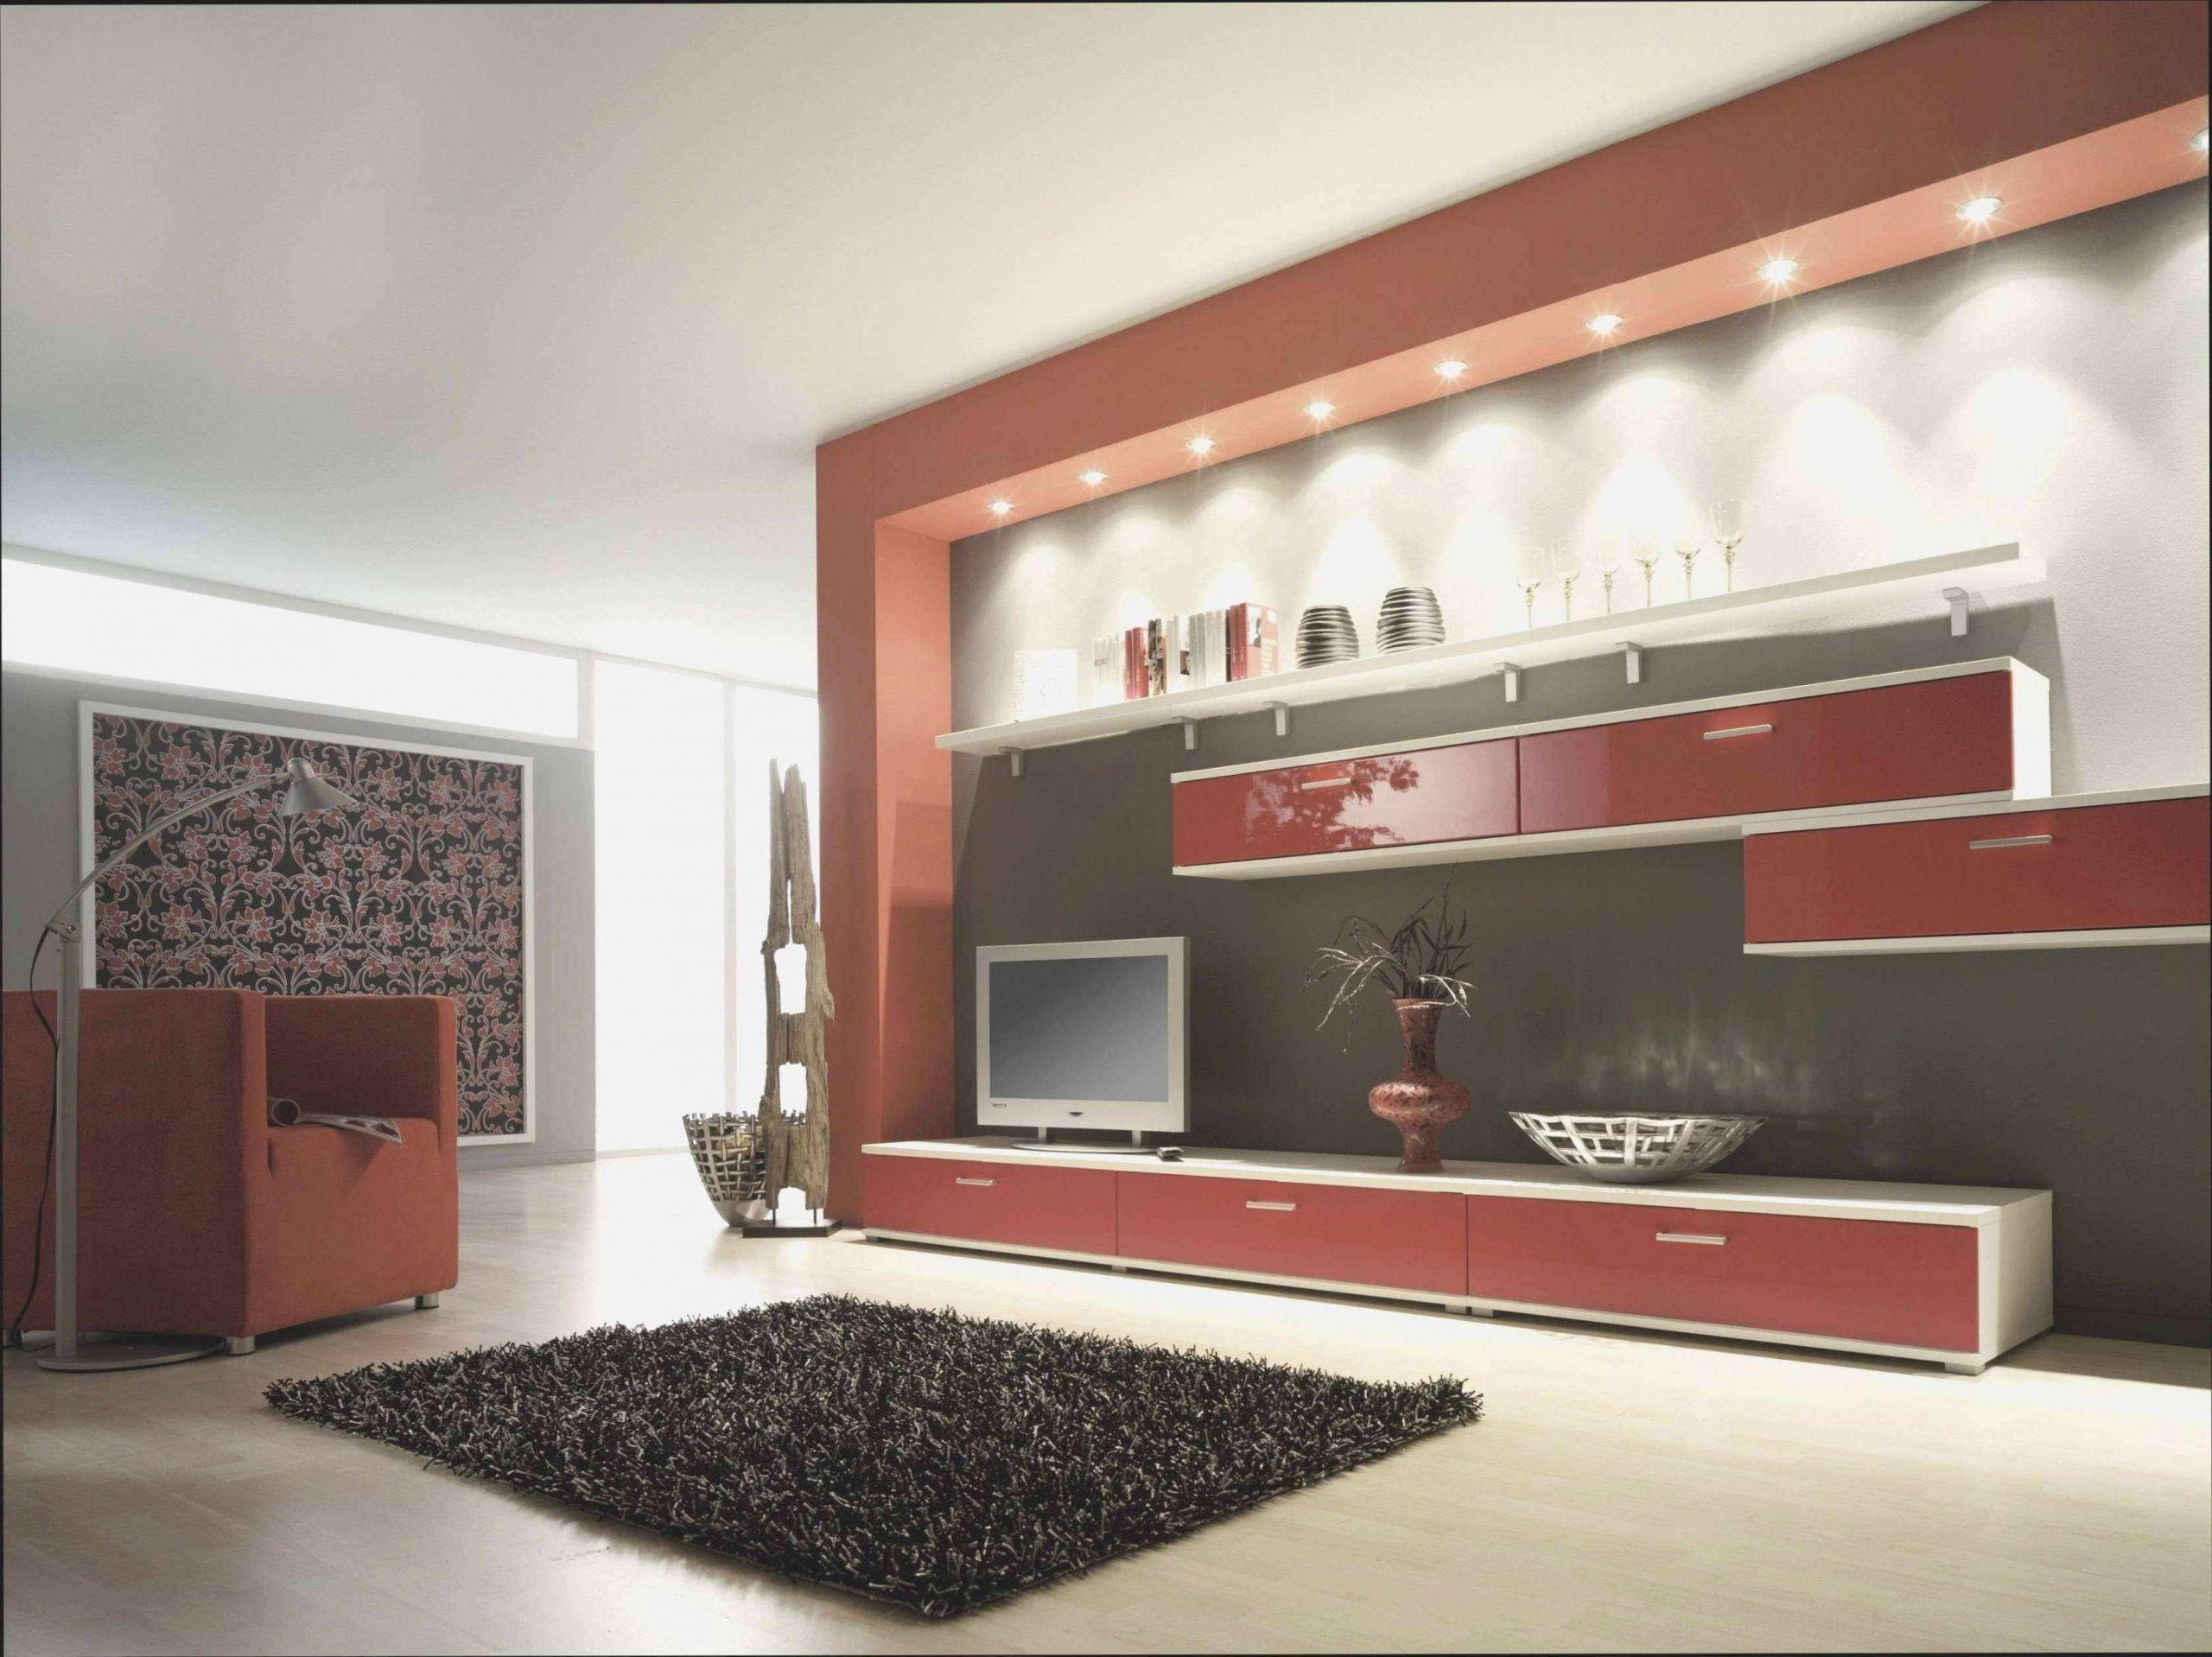 luxury wandregal fur wohnzimmer concept meinung von fliesen fur wohnzimmer of fliesen fur wohnzimmer